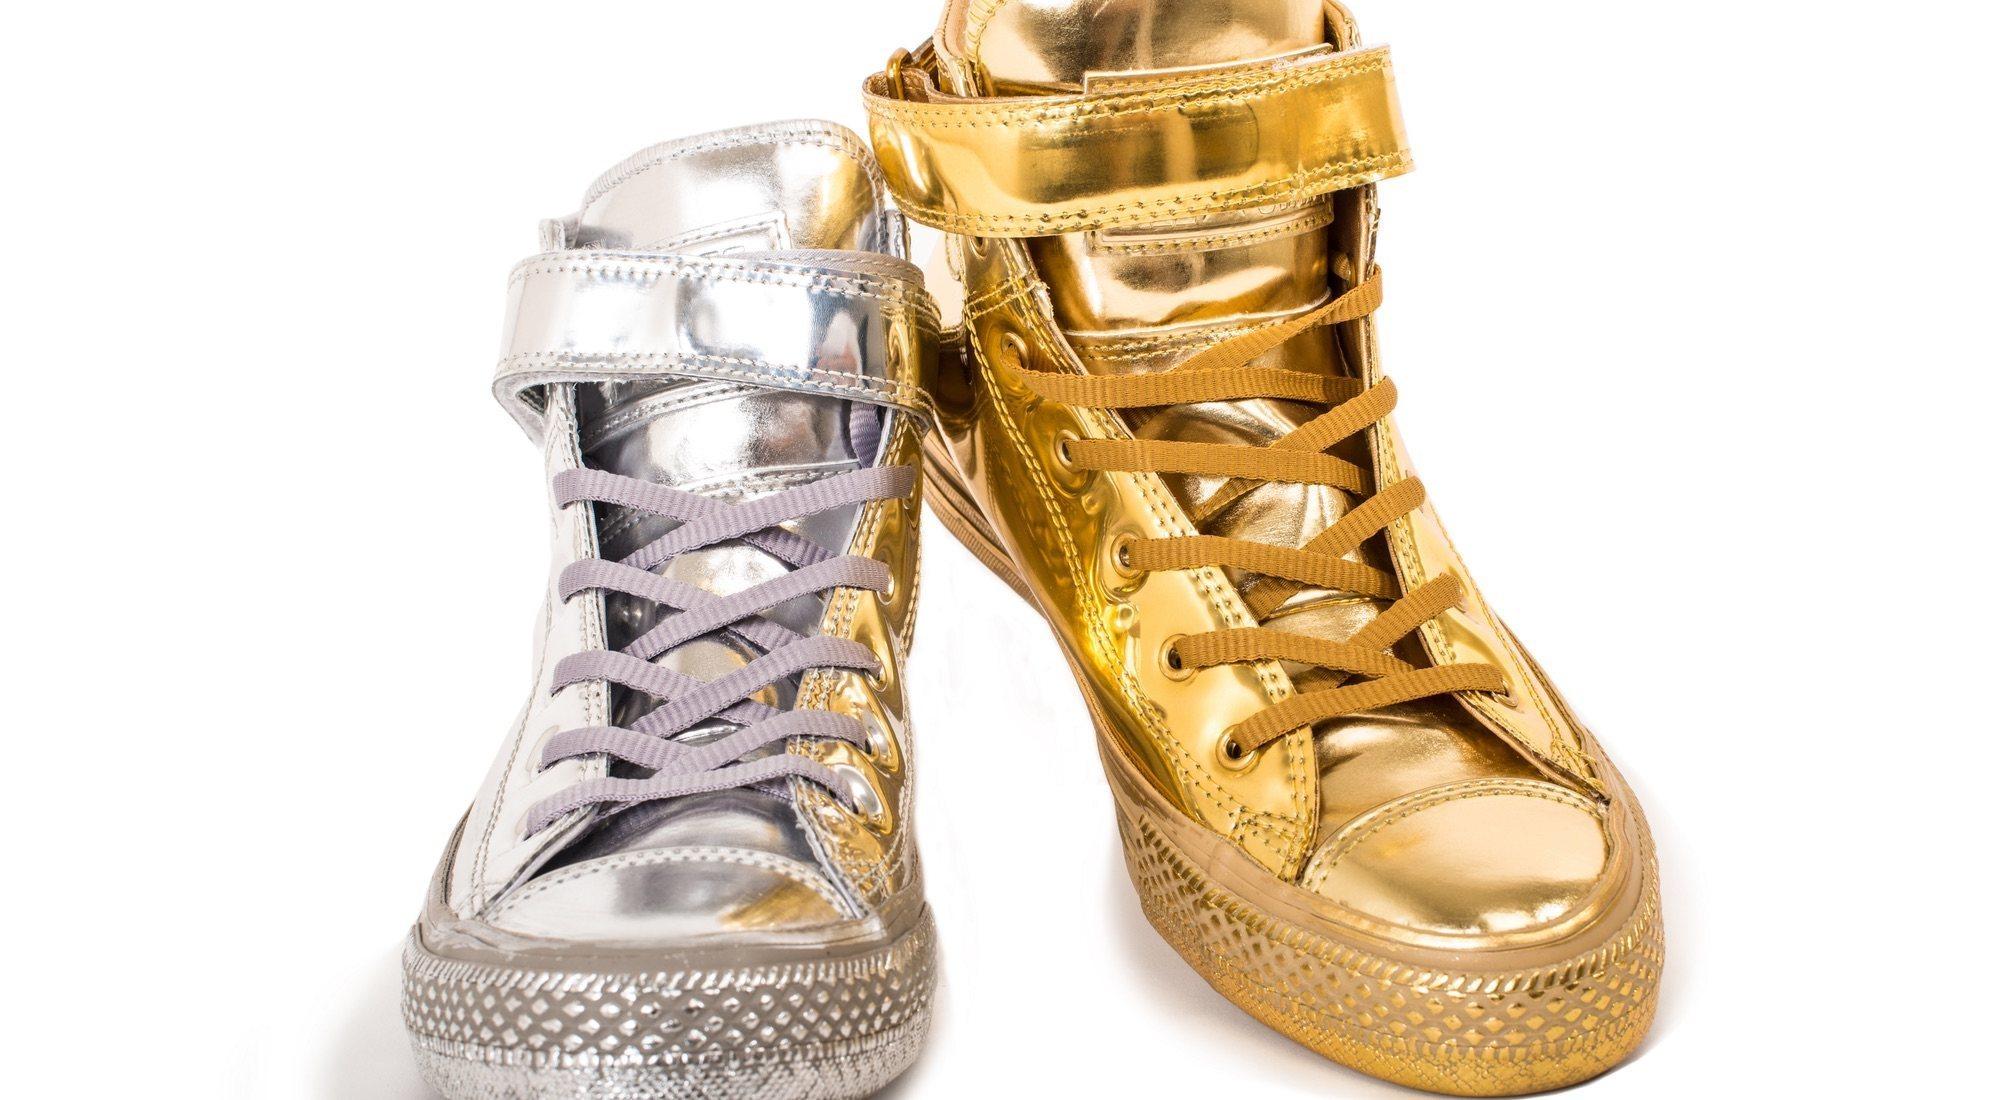 Las zapatillas más caras de la historia